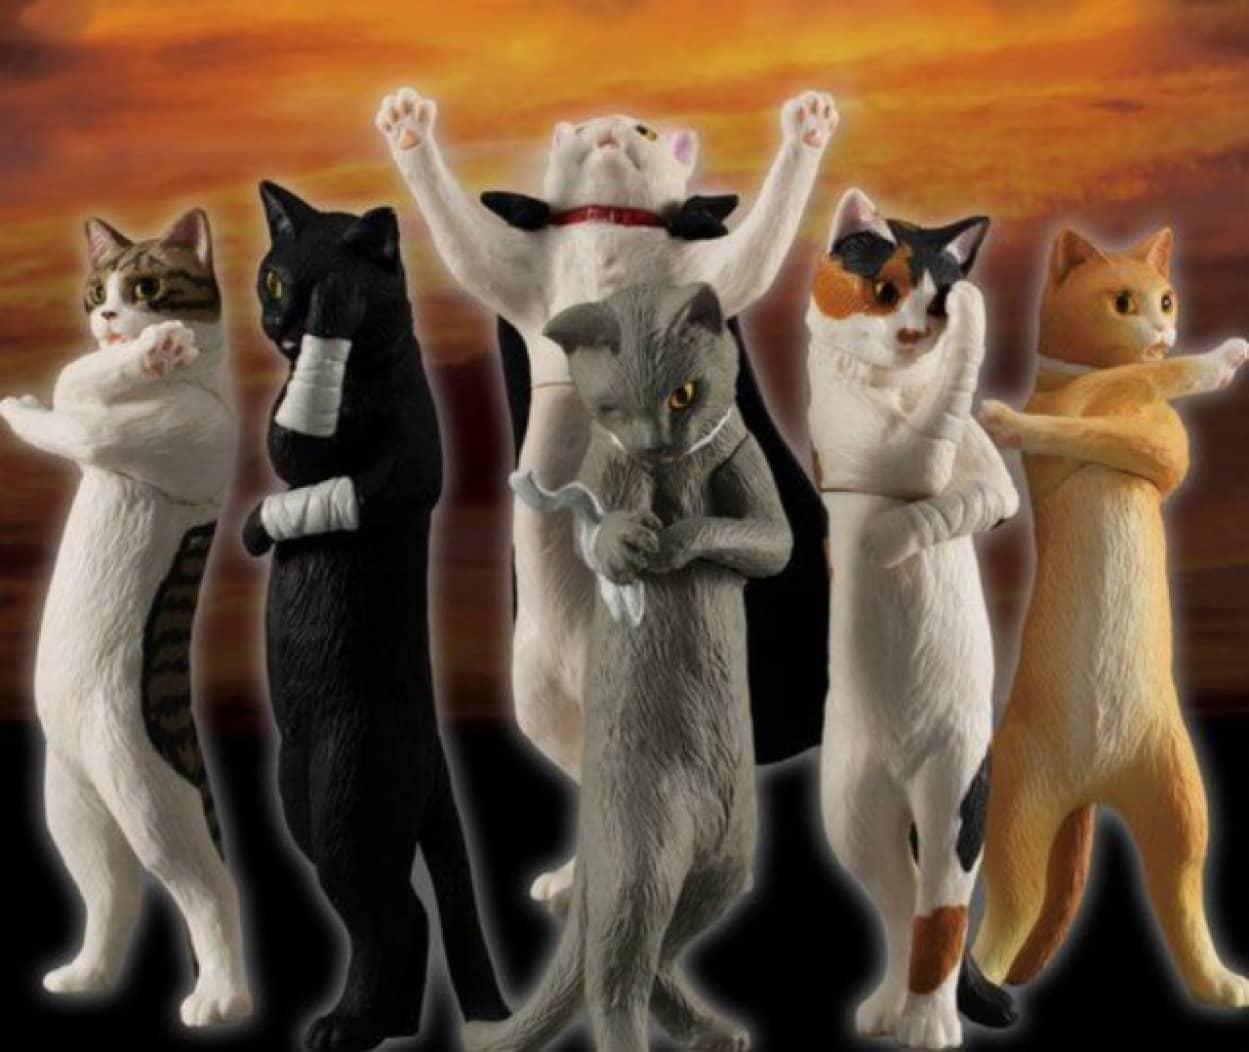 中二病の猫がフィギュアとなった「厨二猫(ちゅうにびょう)」カプセルトイ